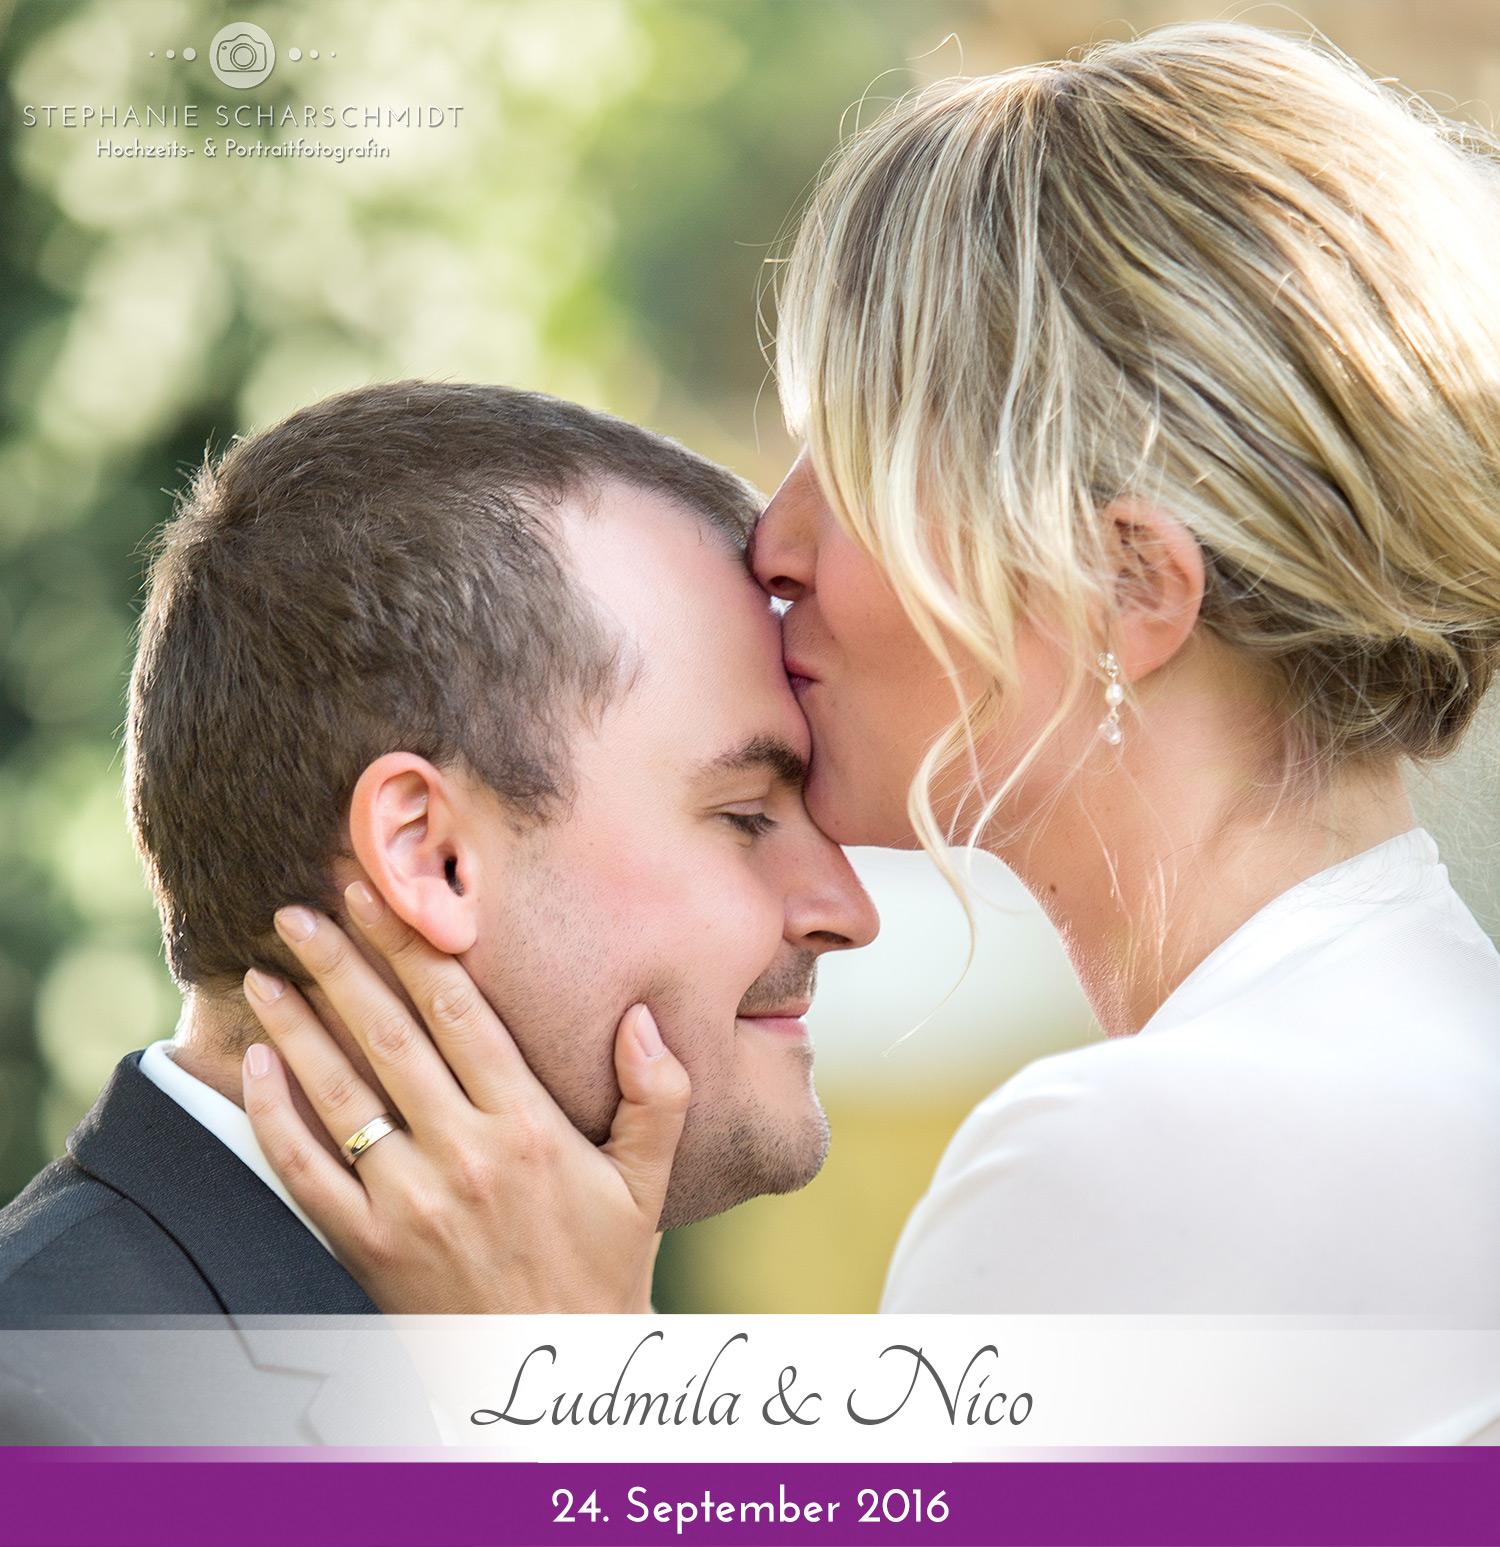 Nico Hochzeit - Hochzeitsfotograf Sachsen Stephanie Scharschmidt